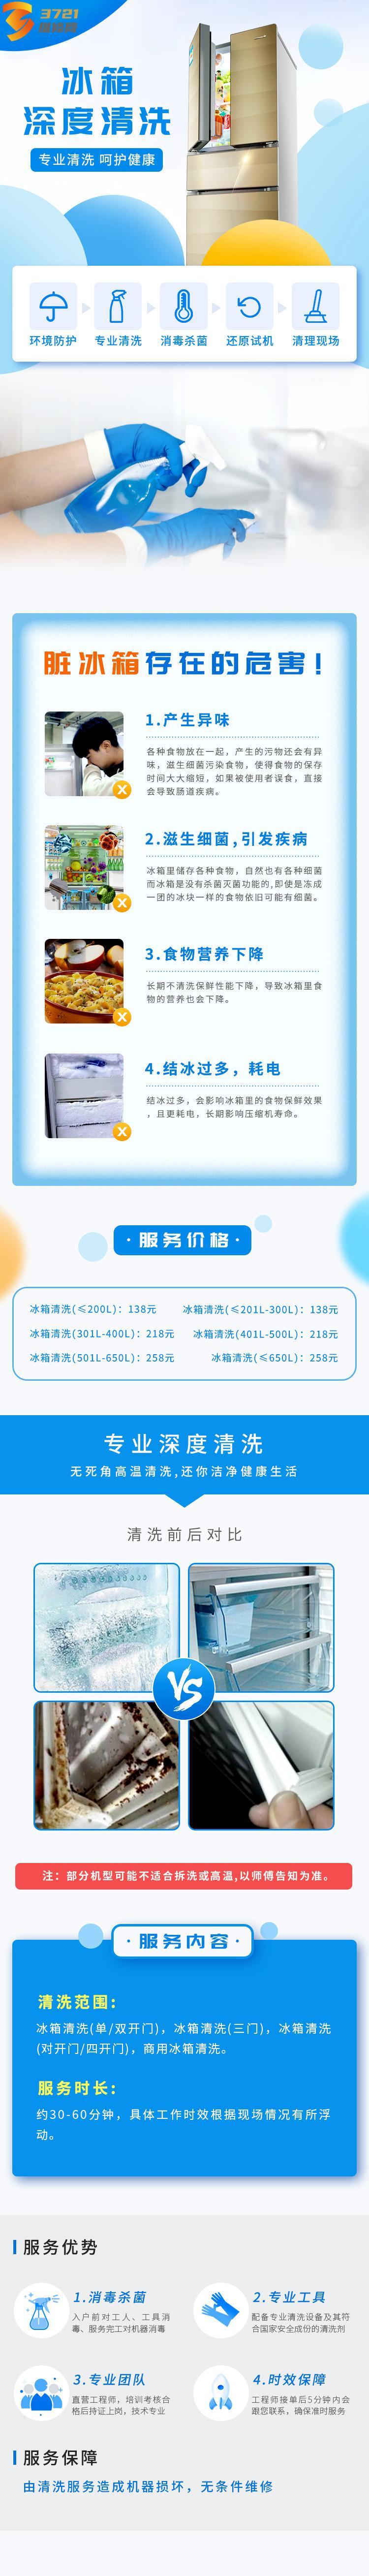 冰箱-清洗升級詳情.jpg